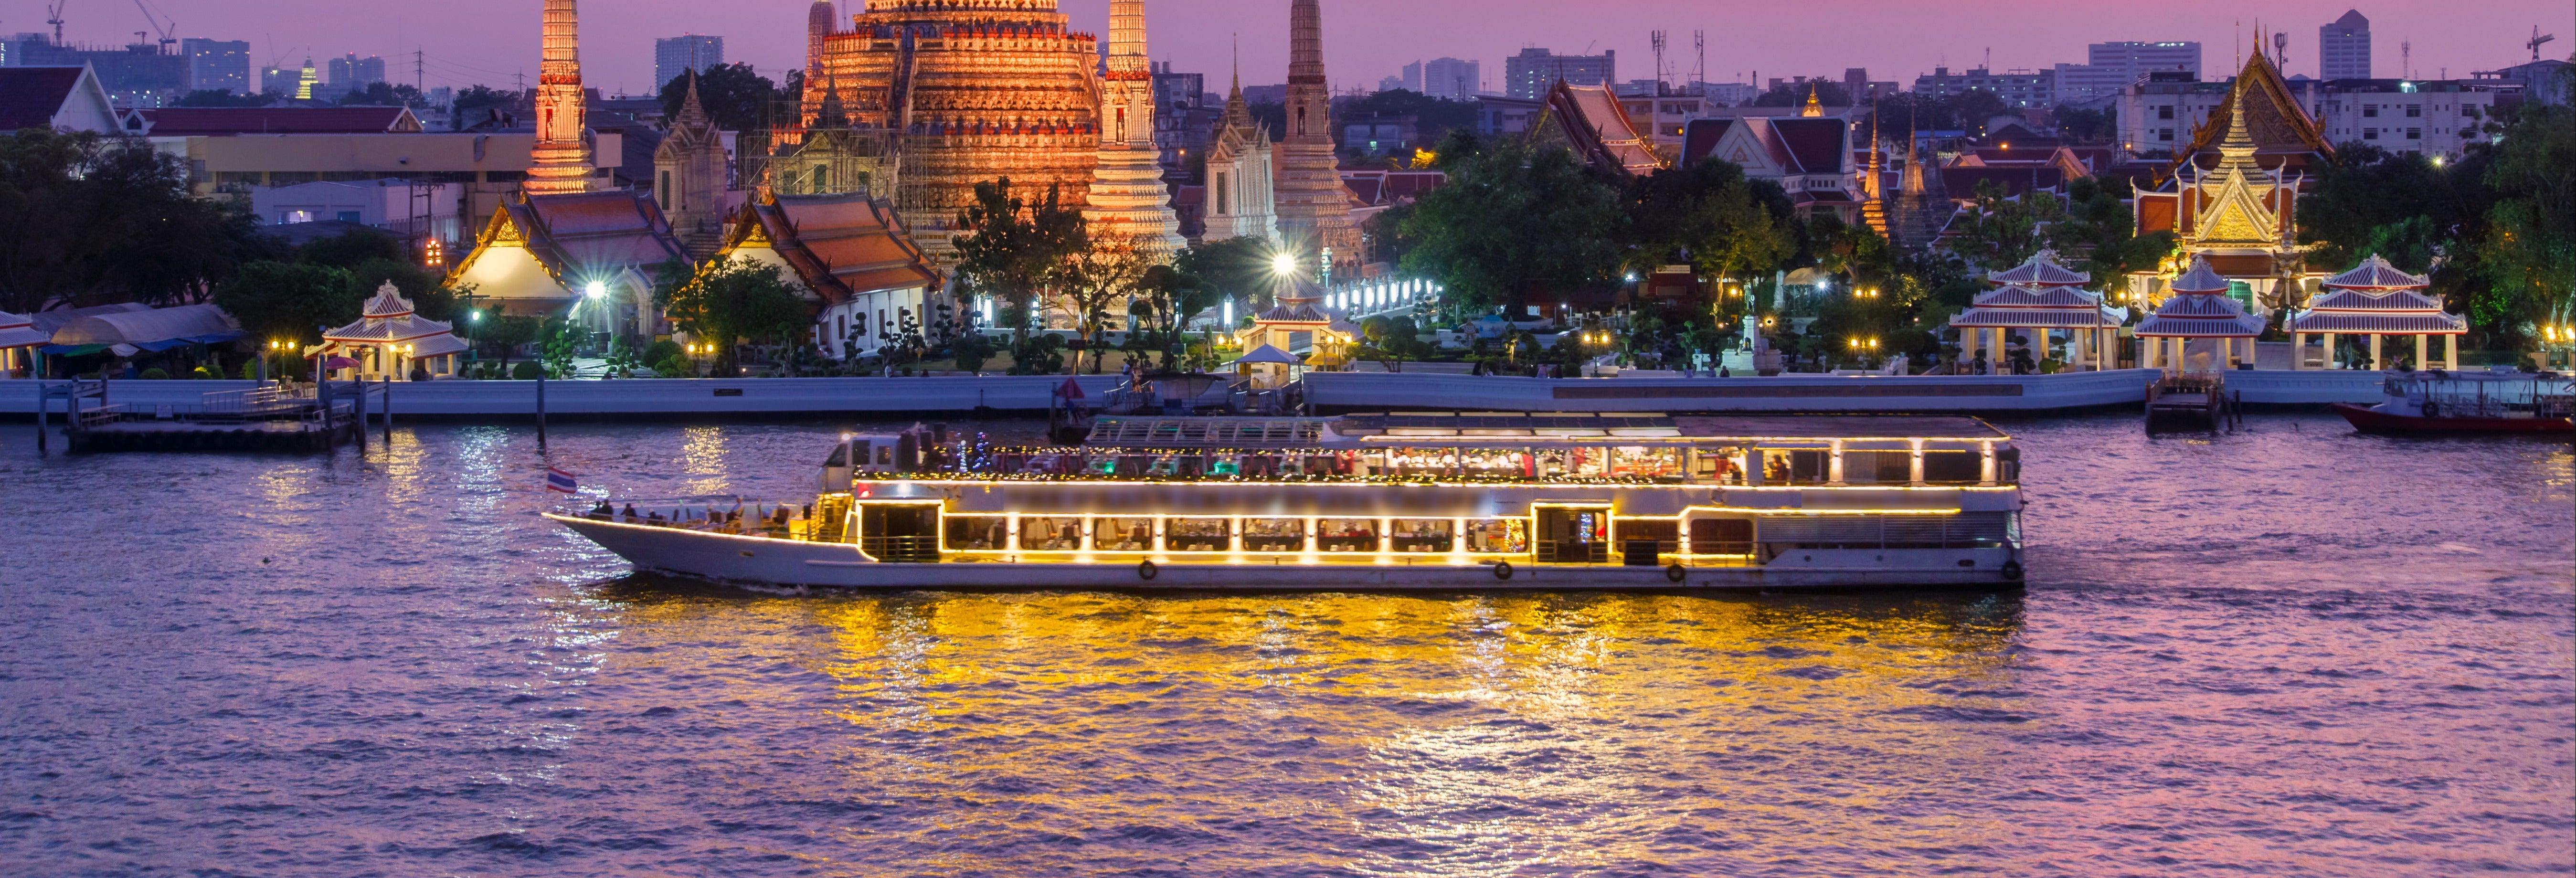 Cruzeiro com jantar pelo rio Chao Phraya